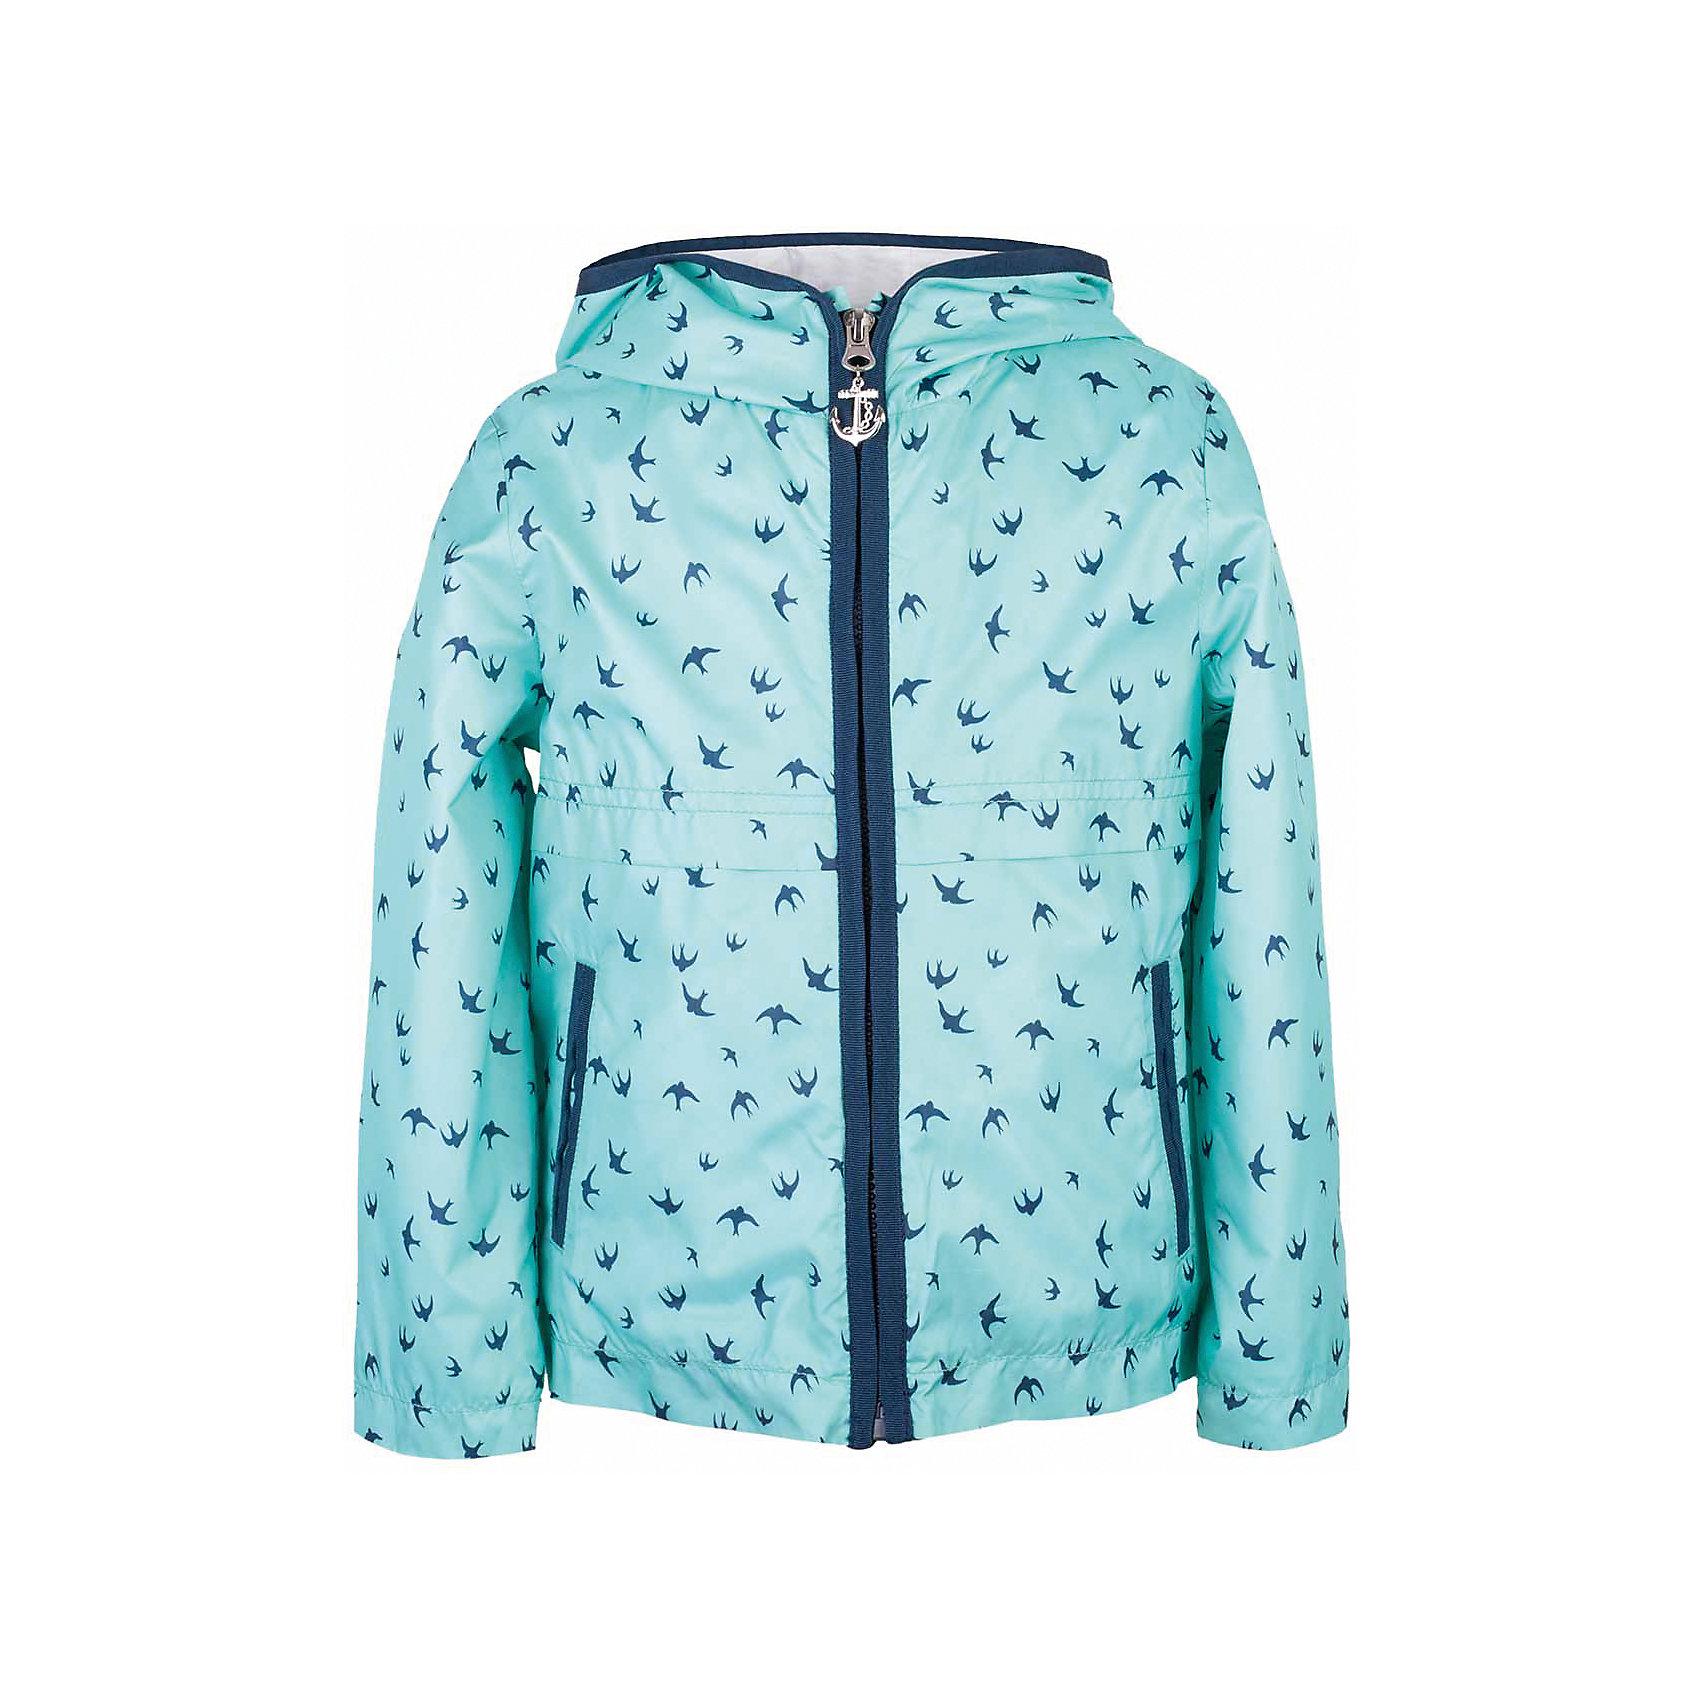 Куртка для девочки  BUTTON BLUEВерхняя одежда<br>Куртка для девочки  BUTTON BLUE<br>Яркая ветровка с рисунком - прекрасное решение для летней прохлады. Модная комфортная форма, сочный цвет, продуманные детали подарят отличное настроение, мягкая трикотажная подкладка обеспечит уют, капюшон защитит от дождя и ветра. Если вы решили купить ветровку для девочки недорого, но хотите быть уверены в ее комфорте, качестве, высоких потребительских свойствах, ветровка Button Blue - то, что нужно!<br>Состав:<br>Ткань  верха: 100%  полиэстер, подклад: 100% хлопок/ 100% полиэстер<br><br>Ширина мм: 356<br>Глубина мм: 10<br>Высота мм: 245<br>Вес г: 519<br>Цвет: зеленый<br>Возраст от месяцев: 144<br>Возраст до месяцев: 156<br>Пол: Женский<br>Возраст: Детский<br>Размер: 158,152,98,104,110,116,122,128,134,140,146<br>SKU: 5523400